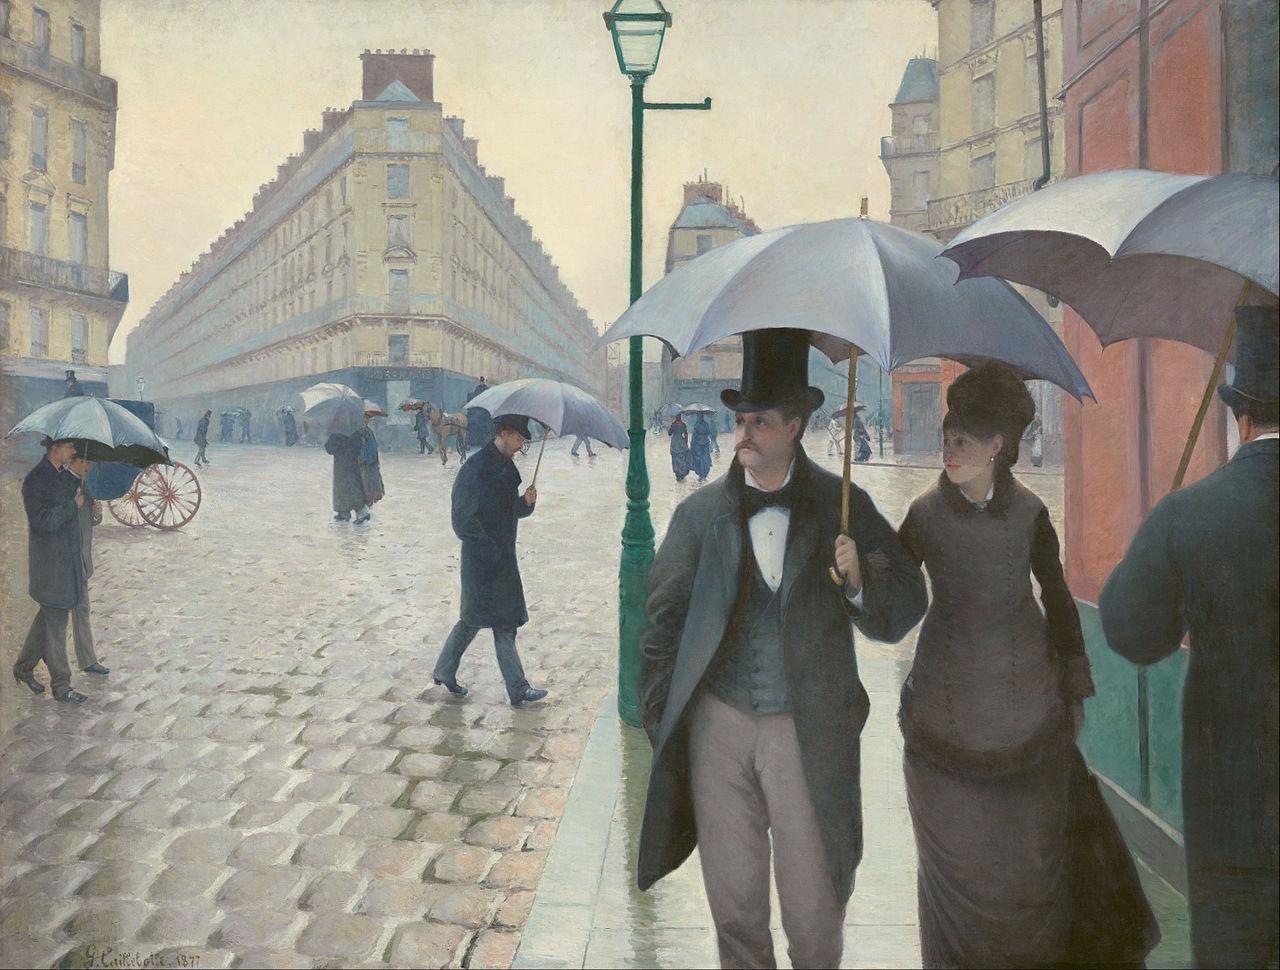 Ca s'est passé en août ! Gustave-caillebotte.-rue-de-paris-temps-de-pluie-1877-